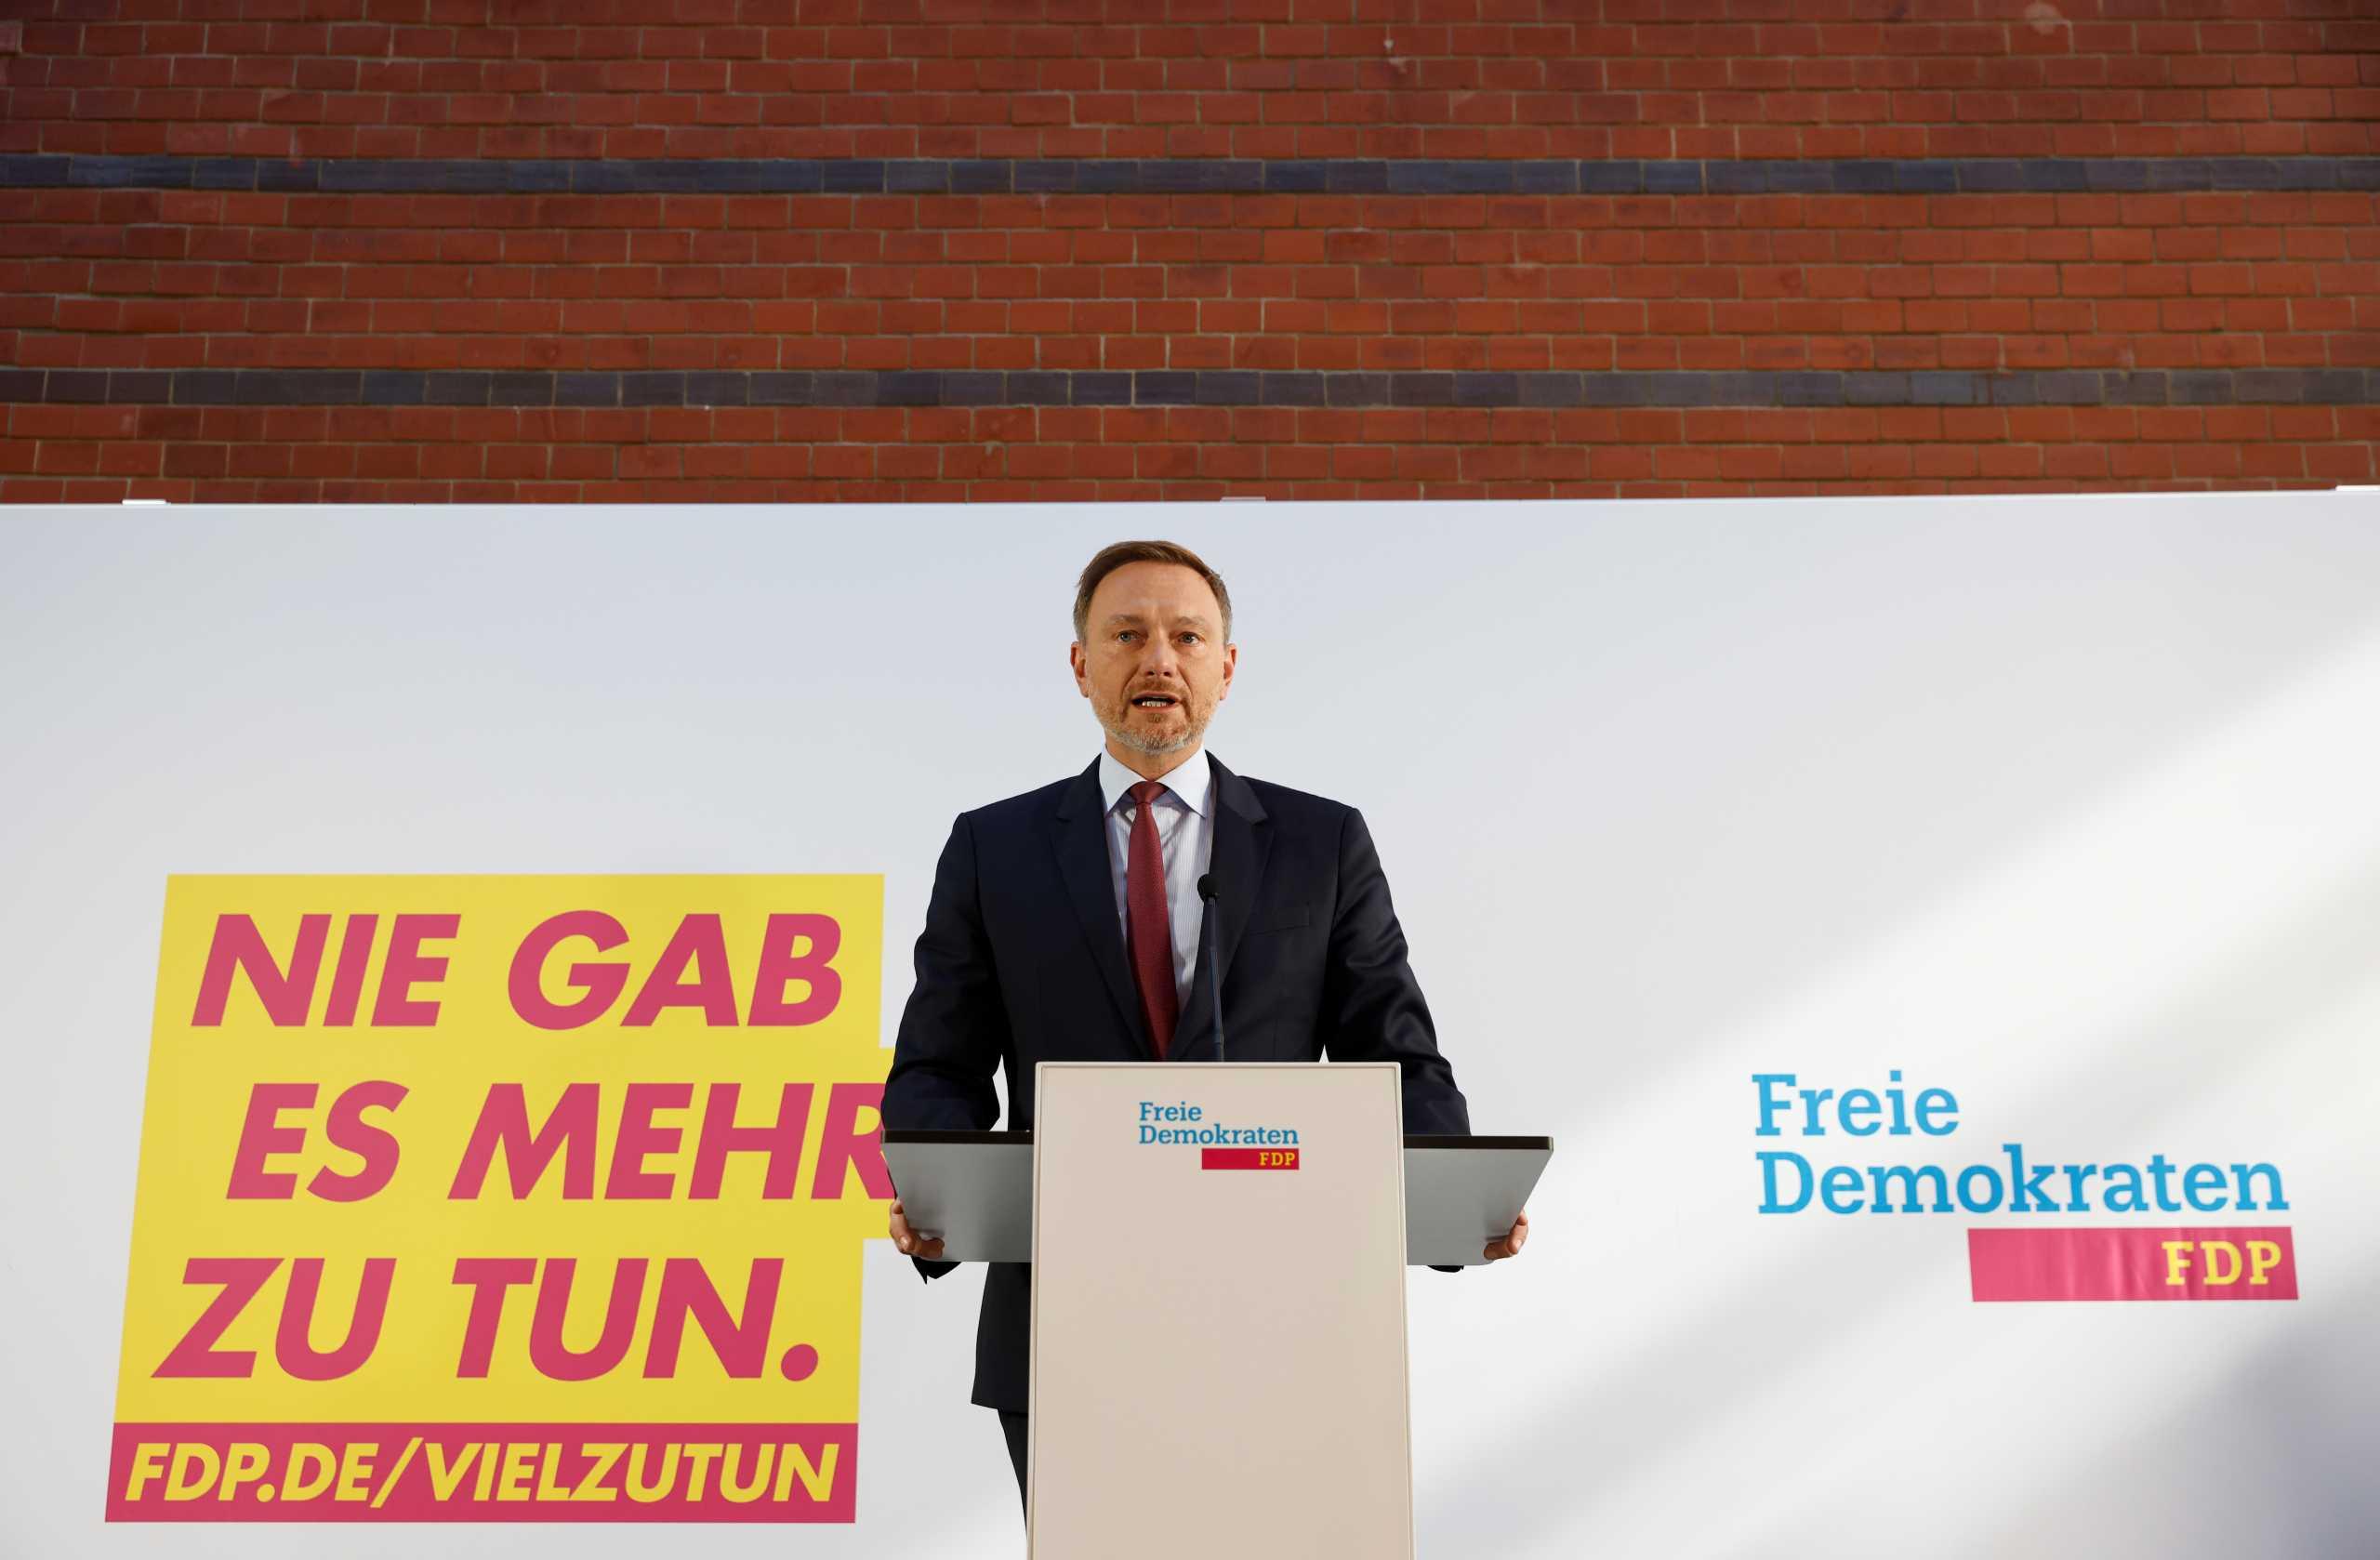 Γερμανία: Οι Φιλελεύθεροι αποδέχτηκαν την πρόσκληση και ξεκινούν διαπραγματεύσεις για συγκυβέρνηση με το SPD